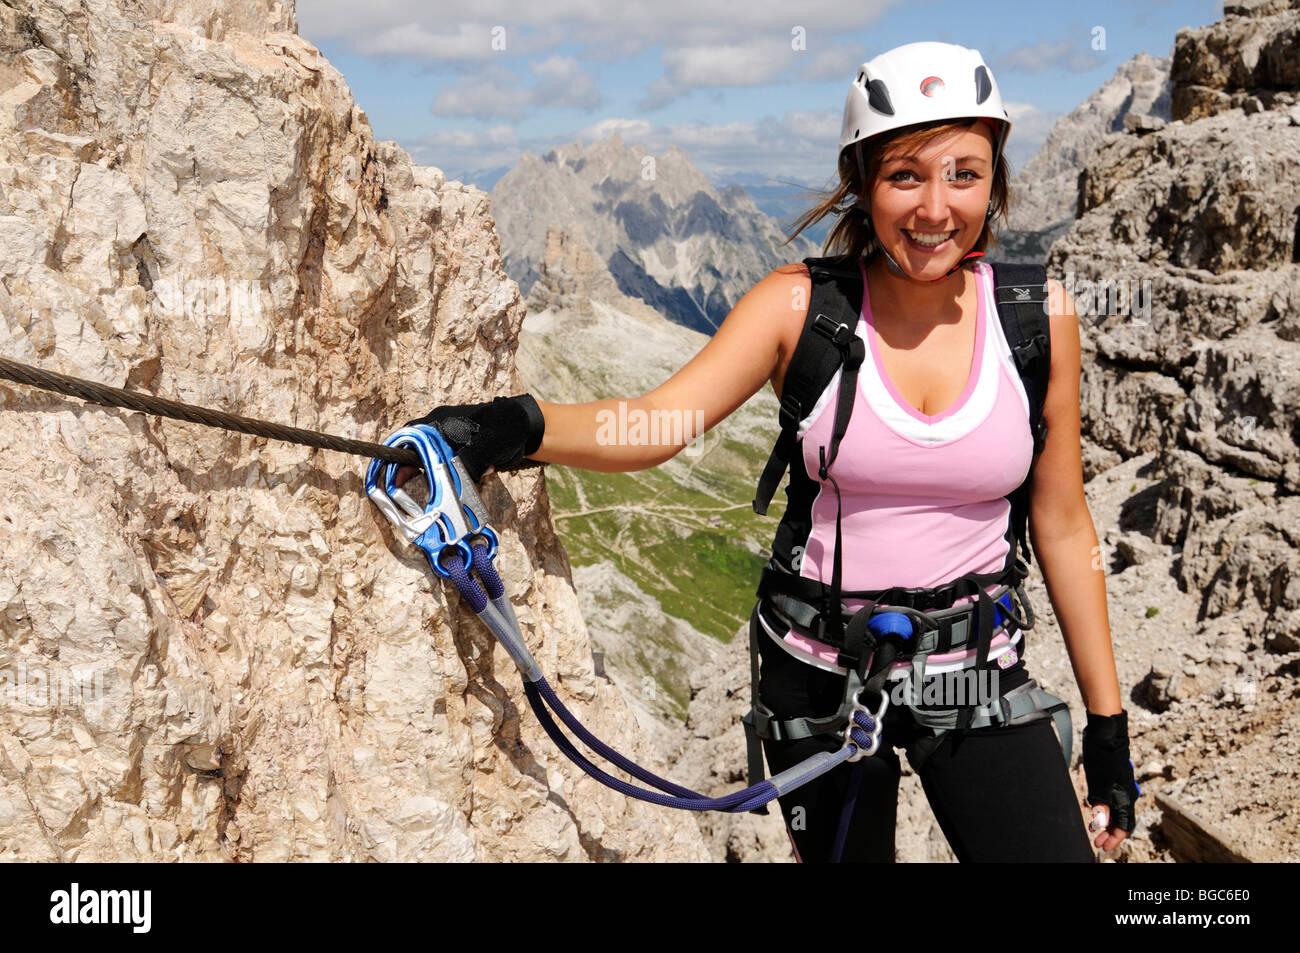 Klettersteig Weibl : Kletterer frau am klettersteig auf paterno alta pusteria